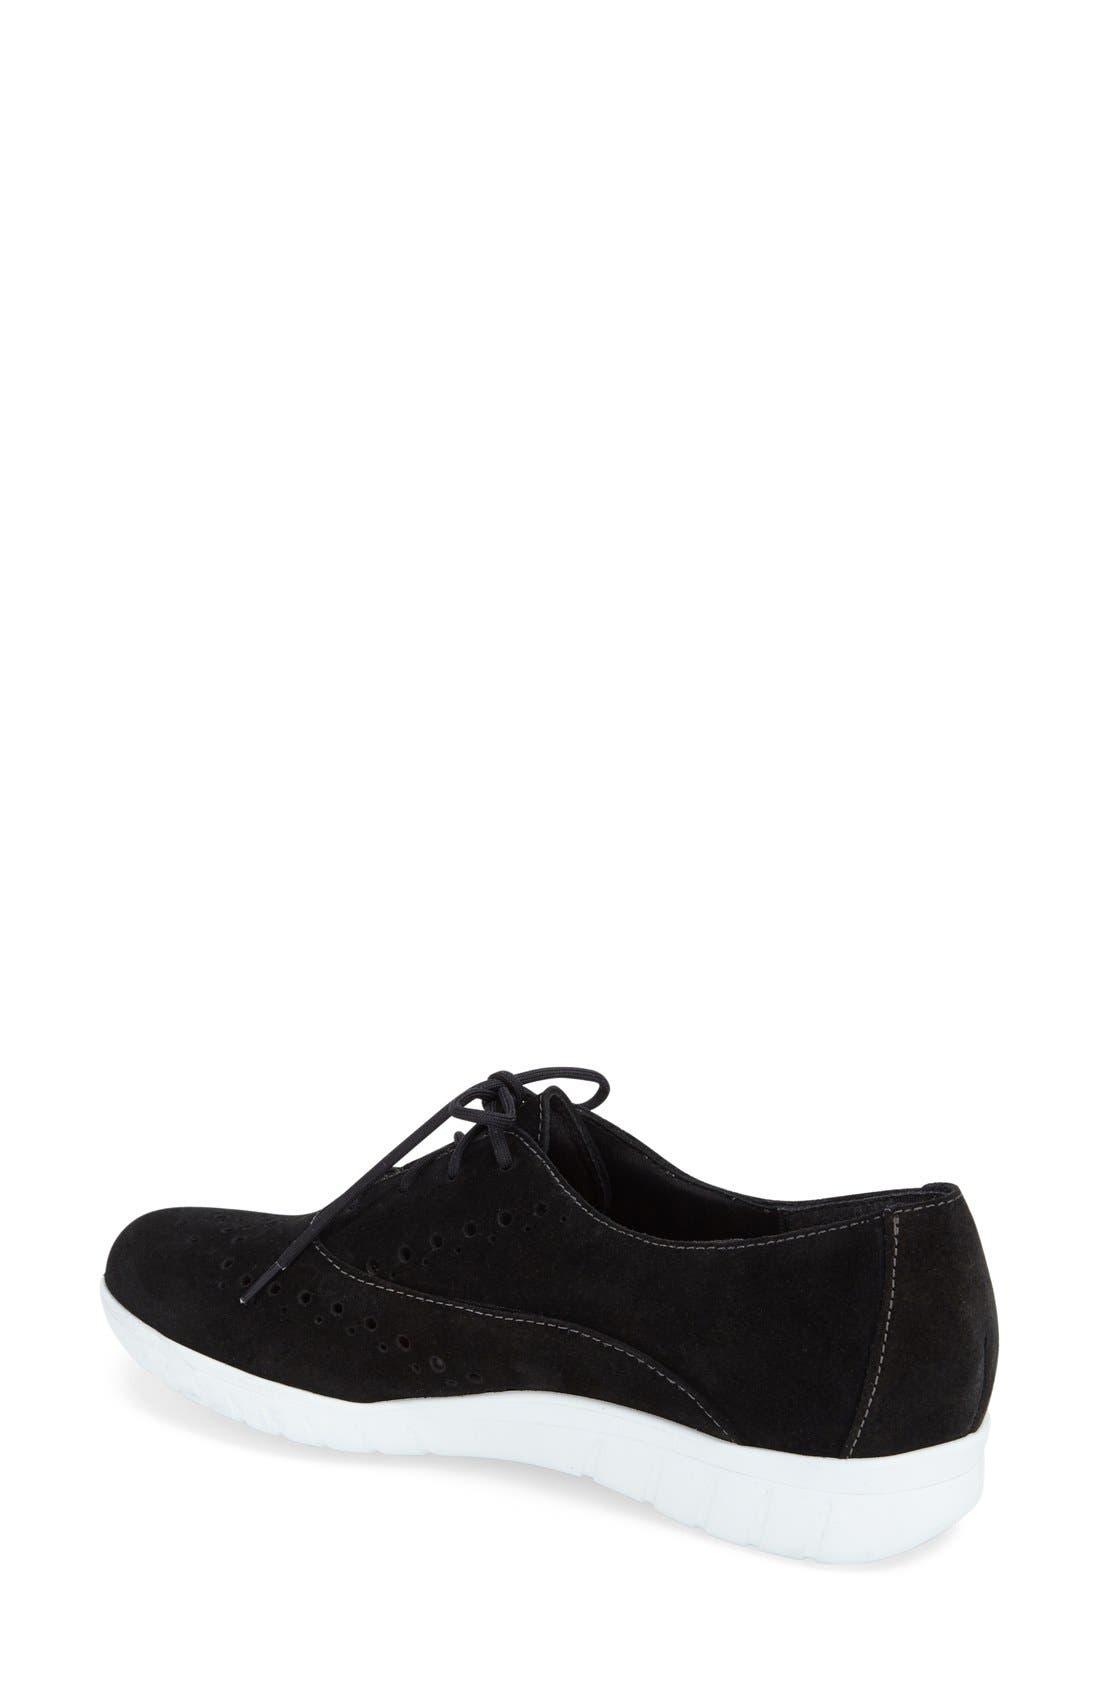 'Wellesley' Oxford Sneaker,                             Alternate thumbnail 3, color,                             BLACK SUEDE